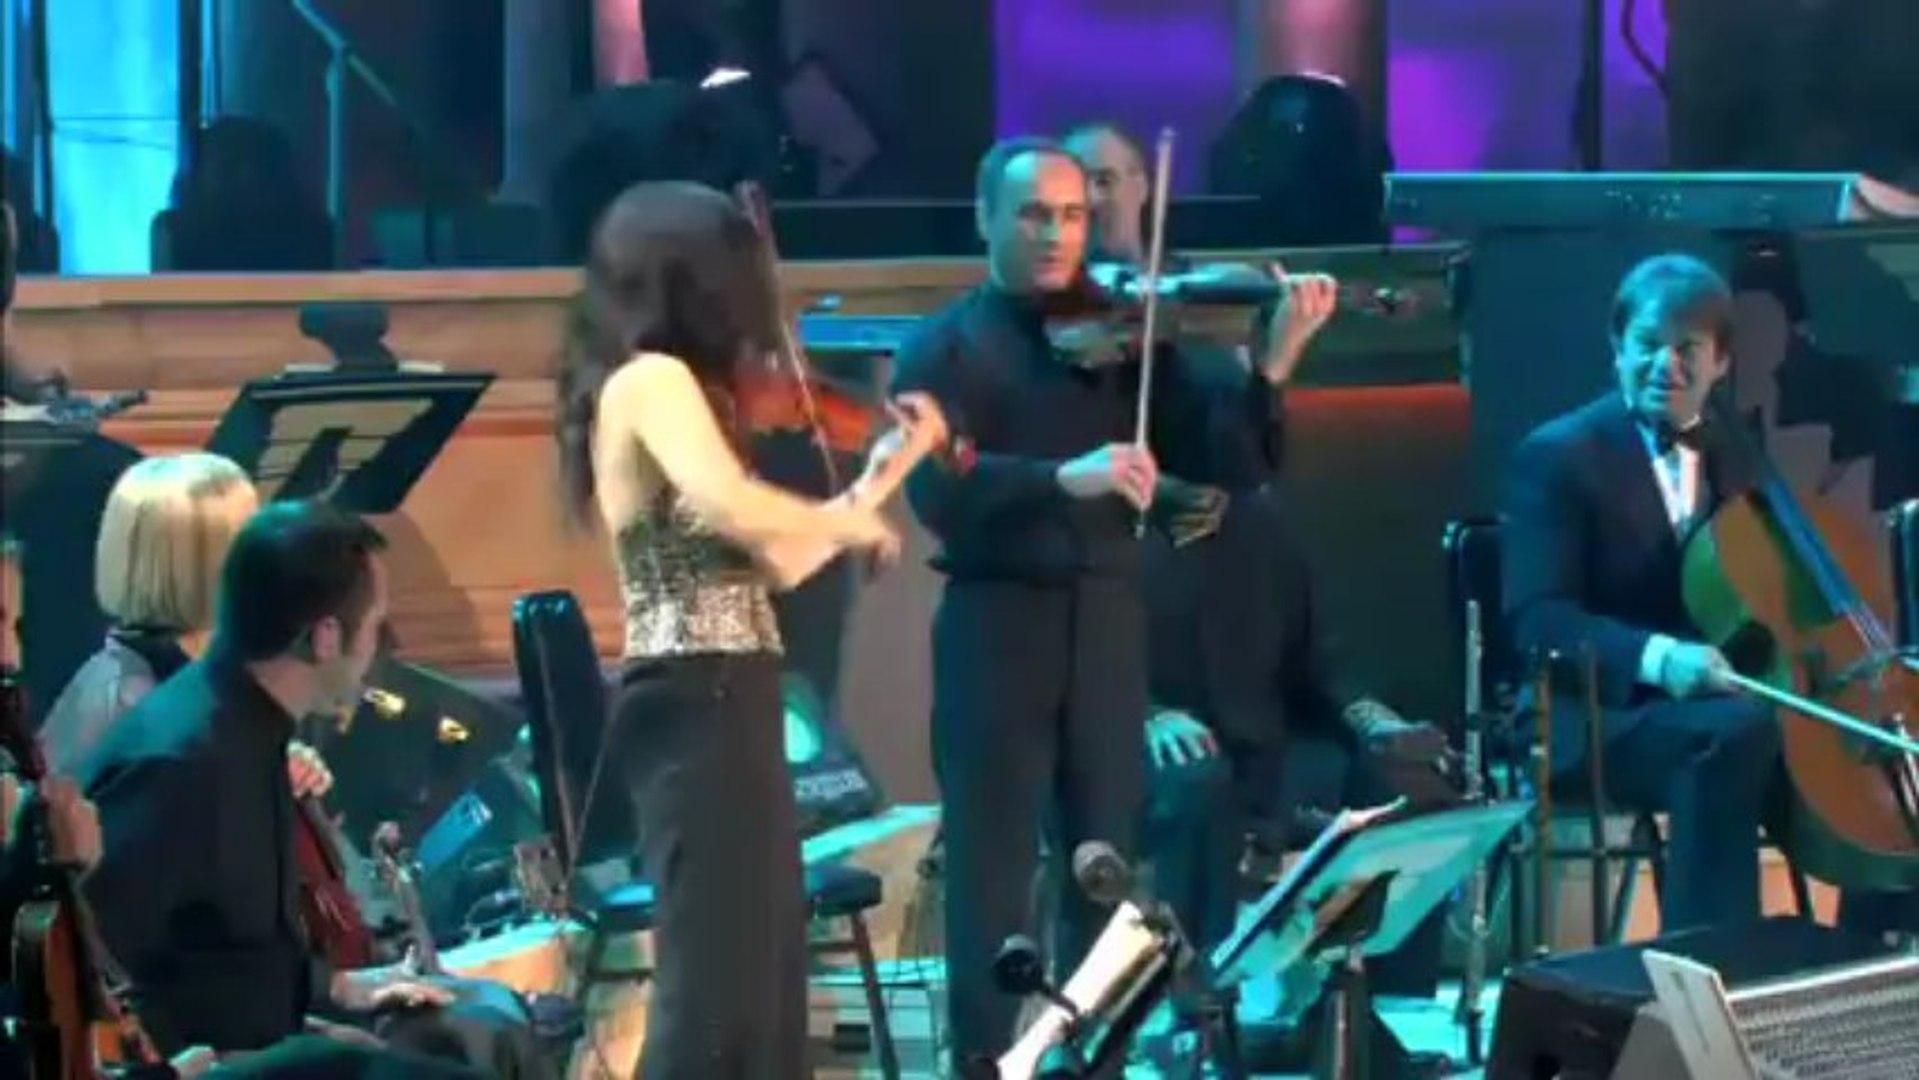 Concert de yanni